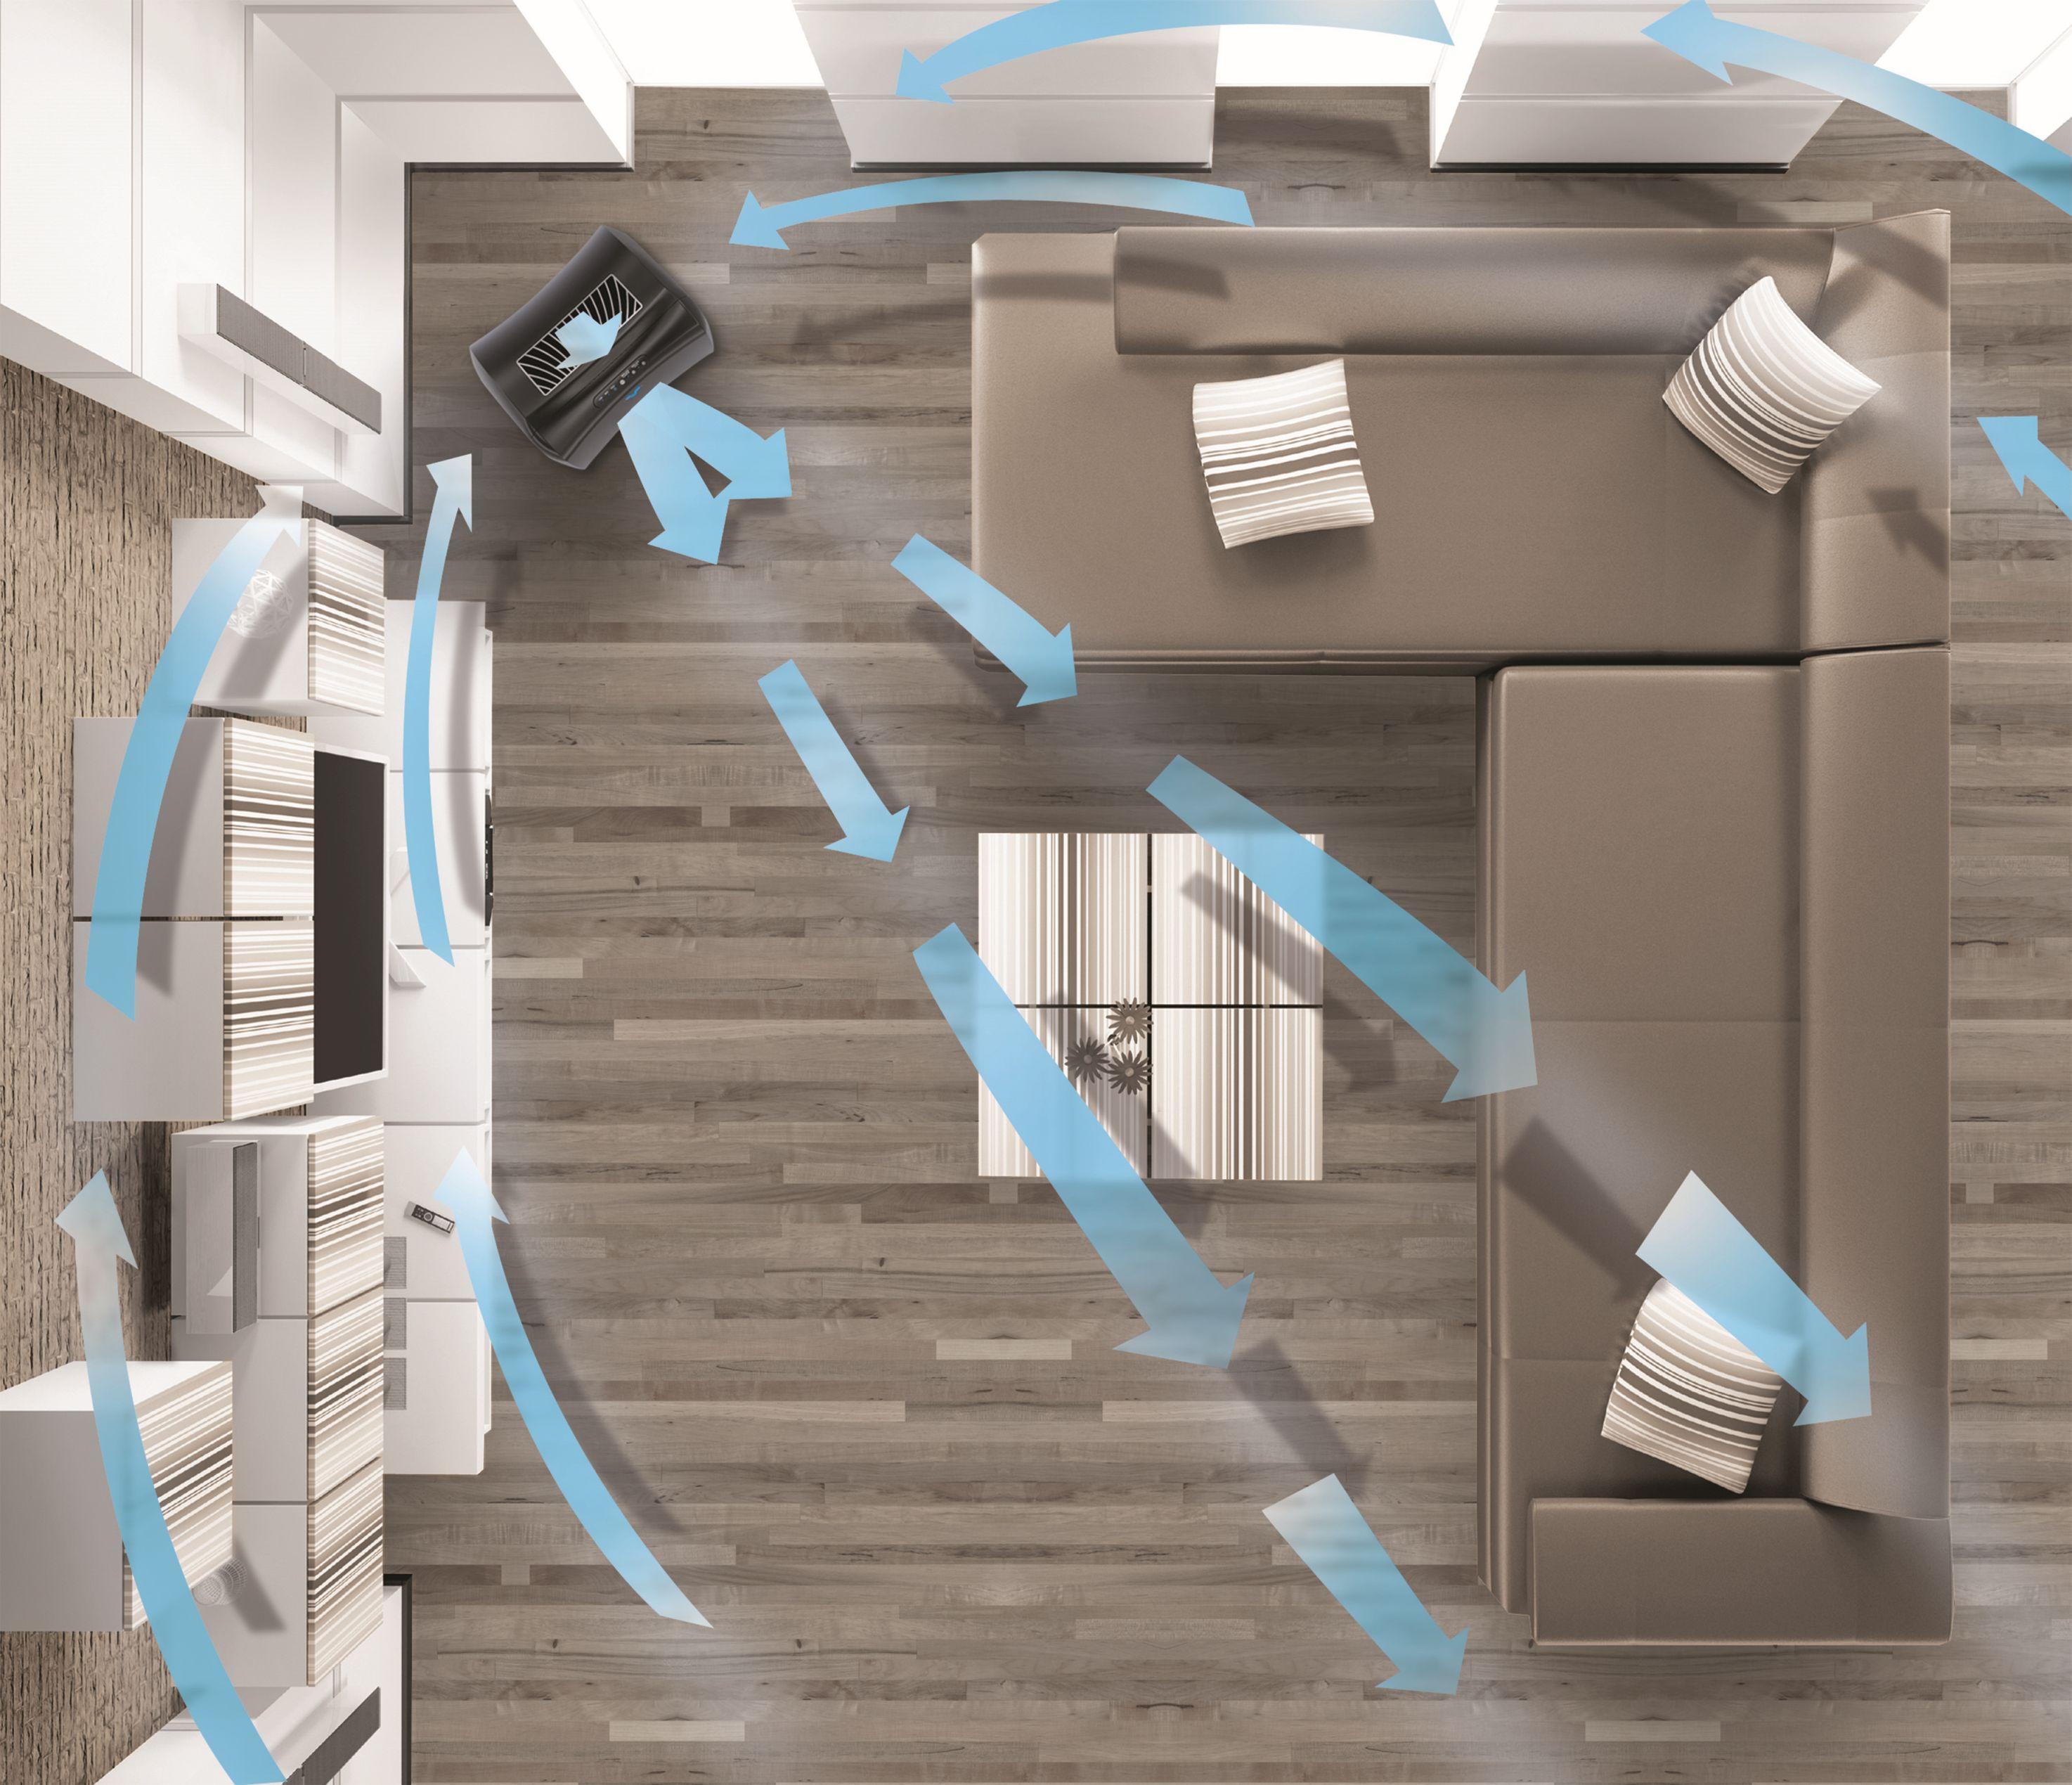 Zasada pracy oczyszczacza powietrza Vornado AC300